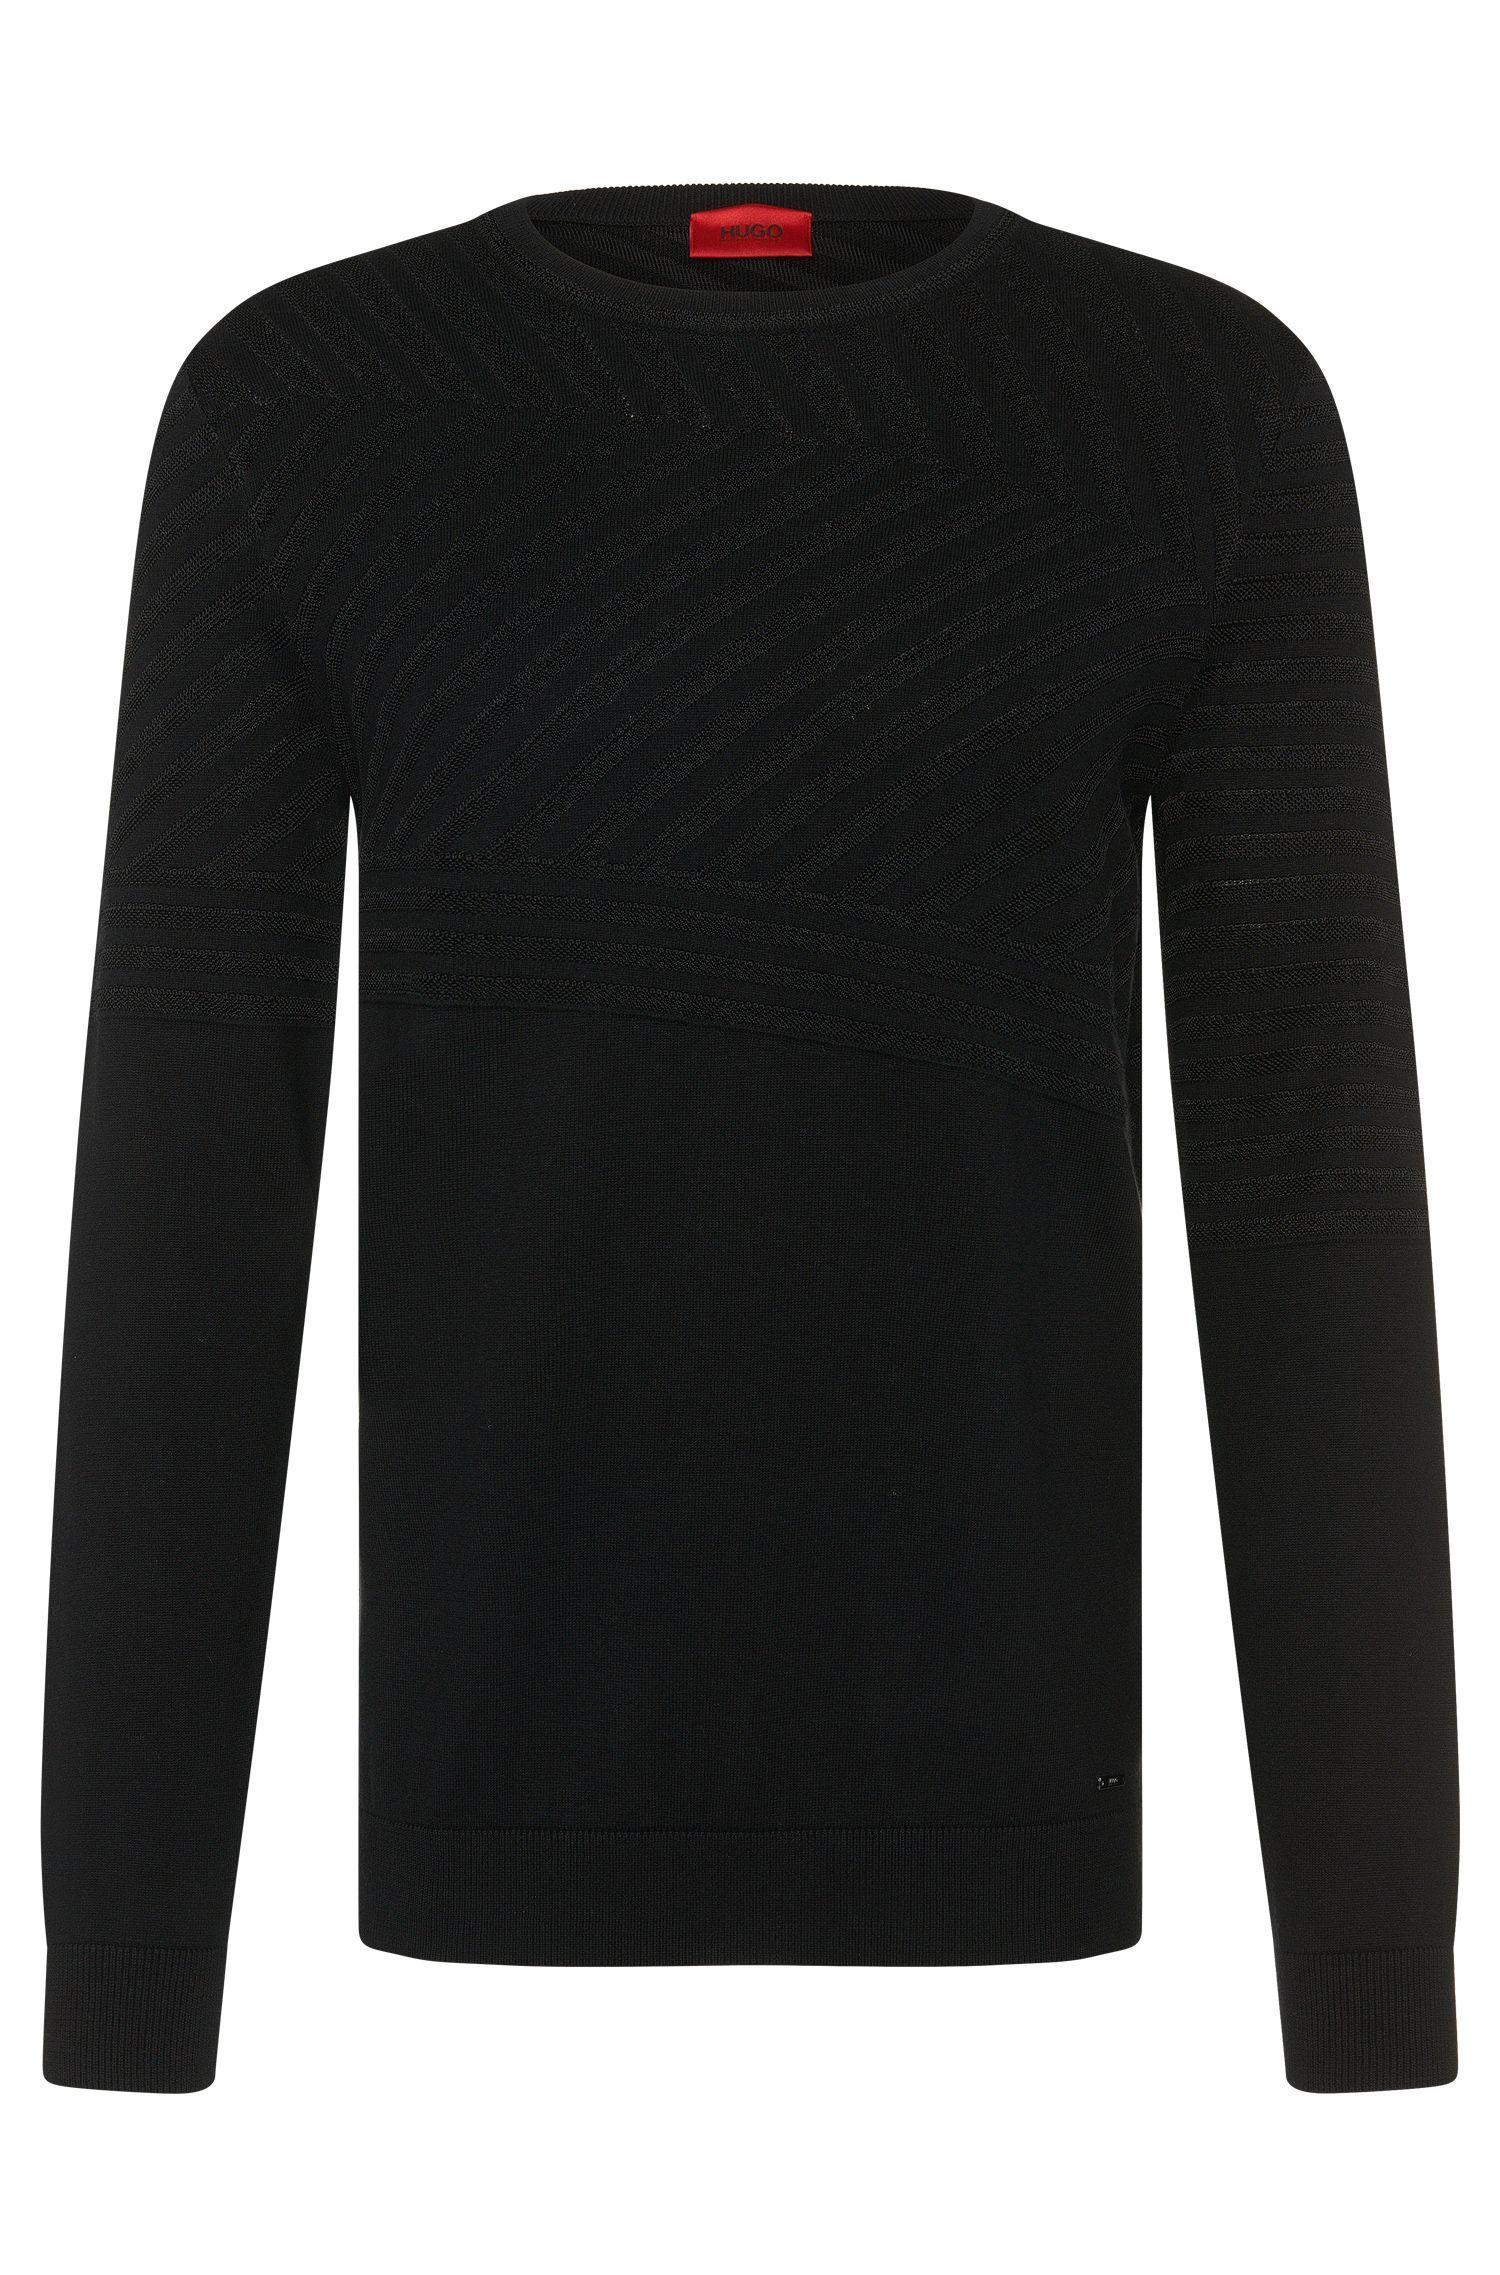 'Sogano' | Silk Cotton Cashmere Blend Sweater